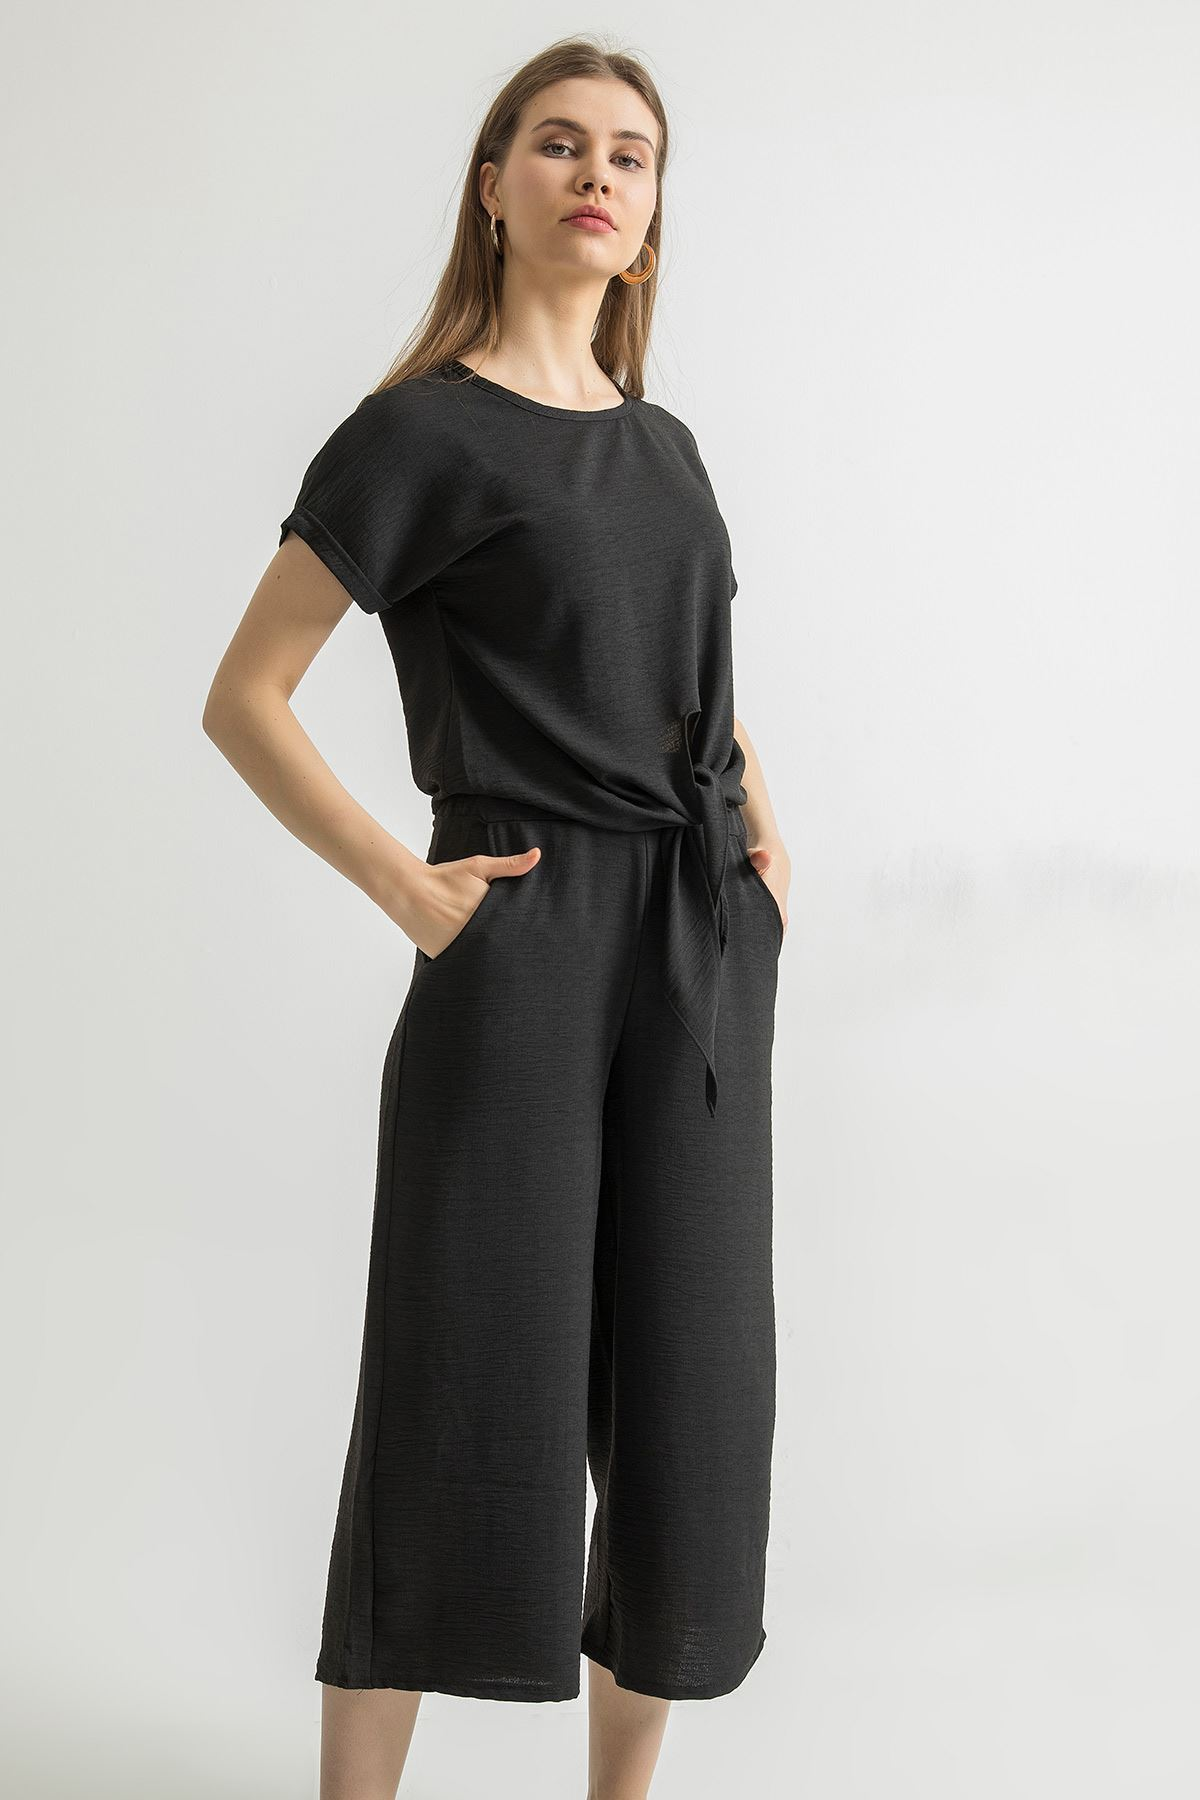 Bağlama Detay Pantolon Takım-Siyah